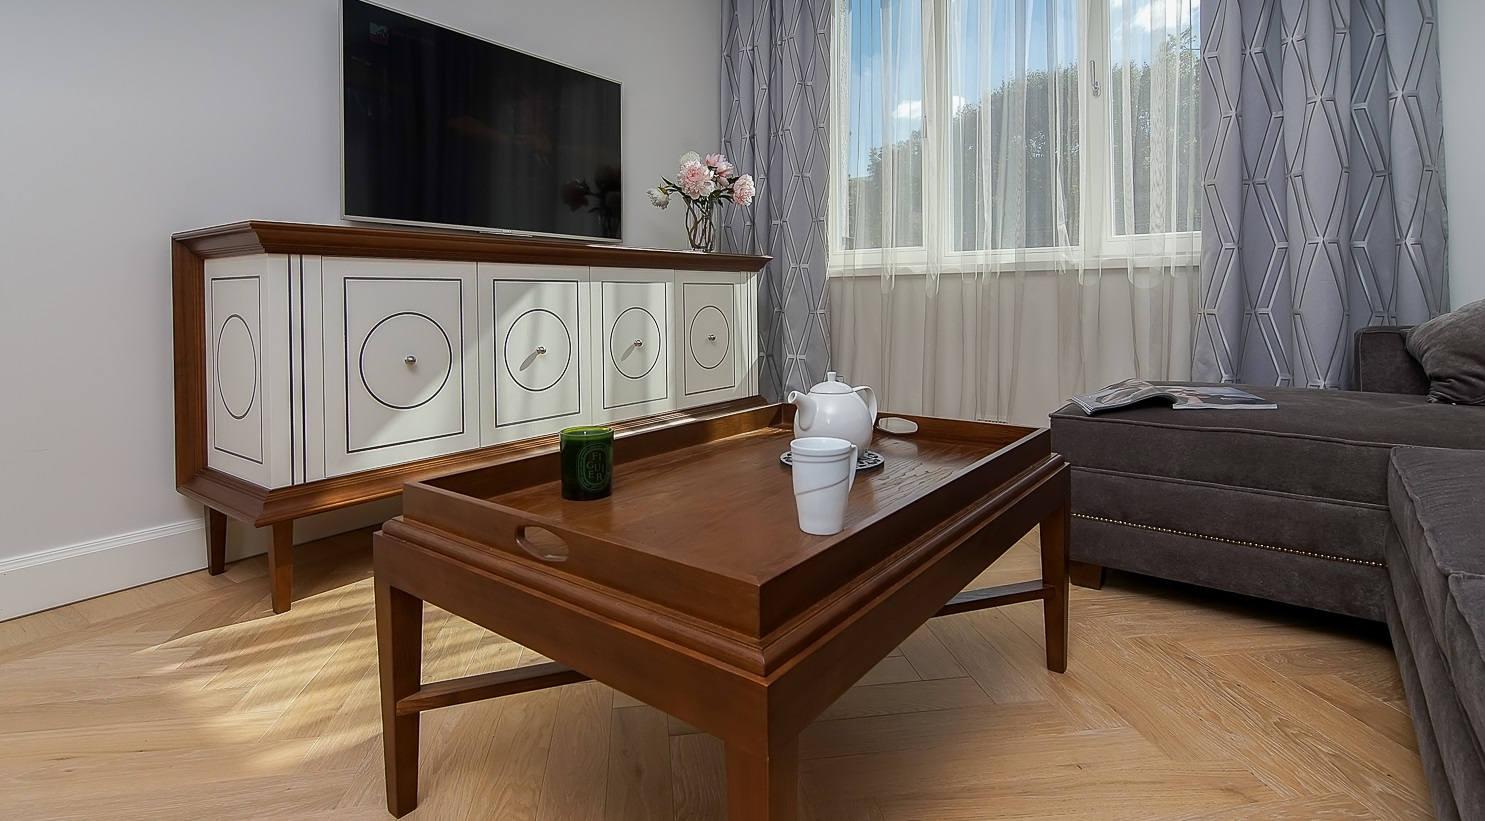 Möbel Massivholz Hersteller massivholzmöbel auch nach maß klassische naturholz möbel preiswert